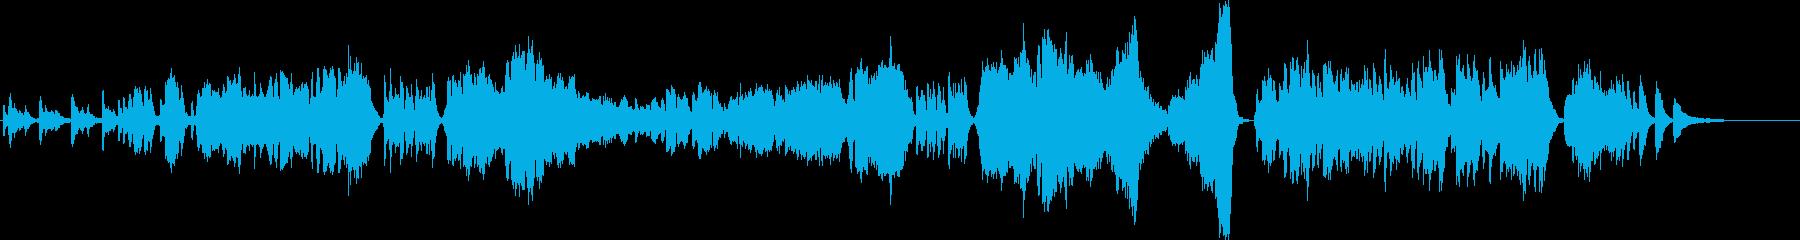 ドラマチックなオーケストラポップスです。の再生済みの波形